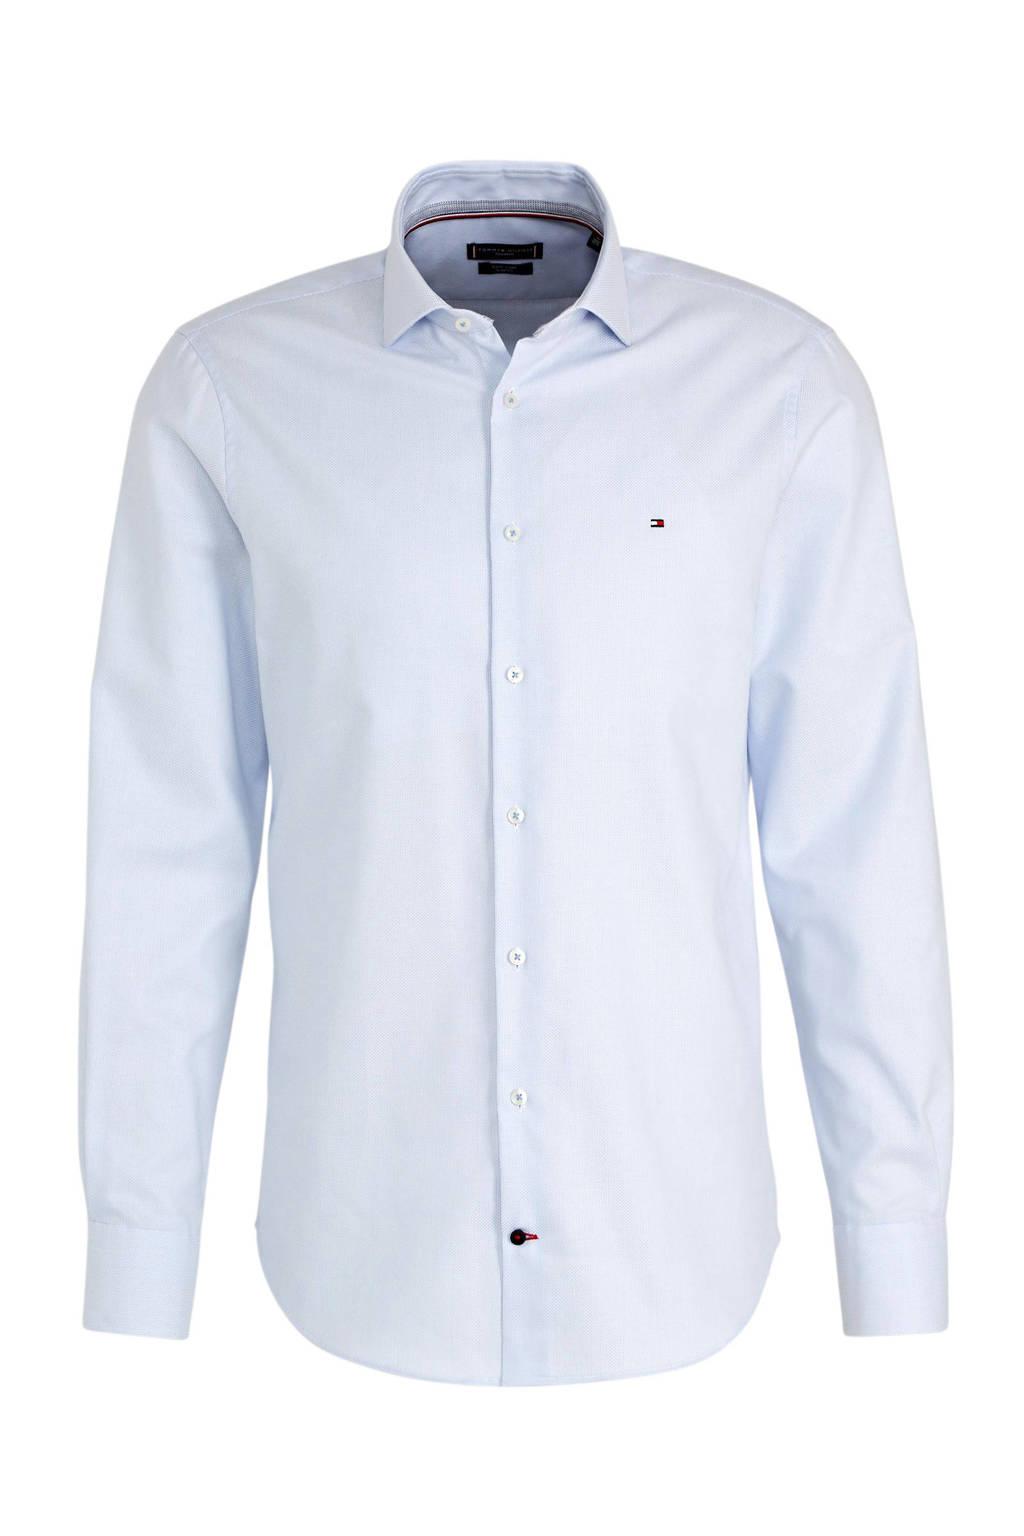 Tommy Hilfiger Tailored slim fit overhemd lichtblauw, Lichtblauw